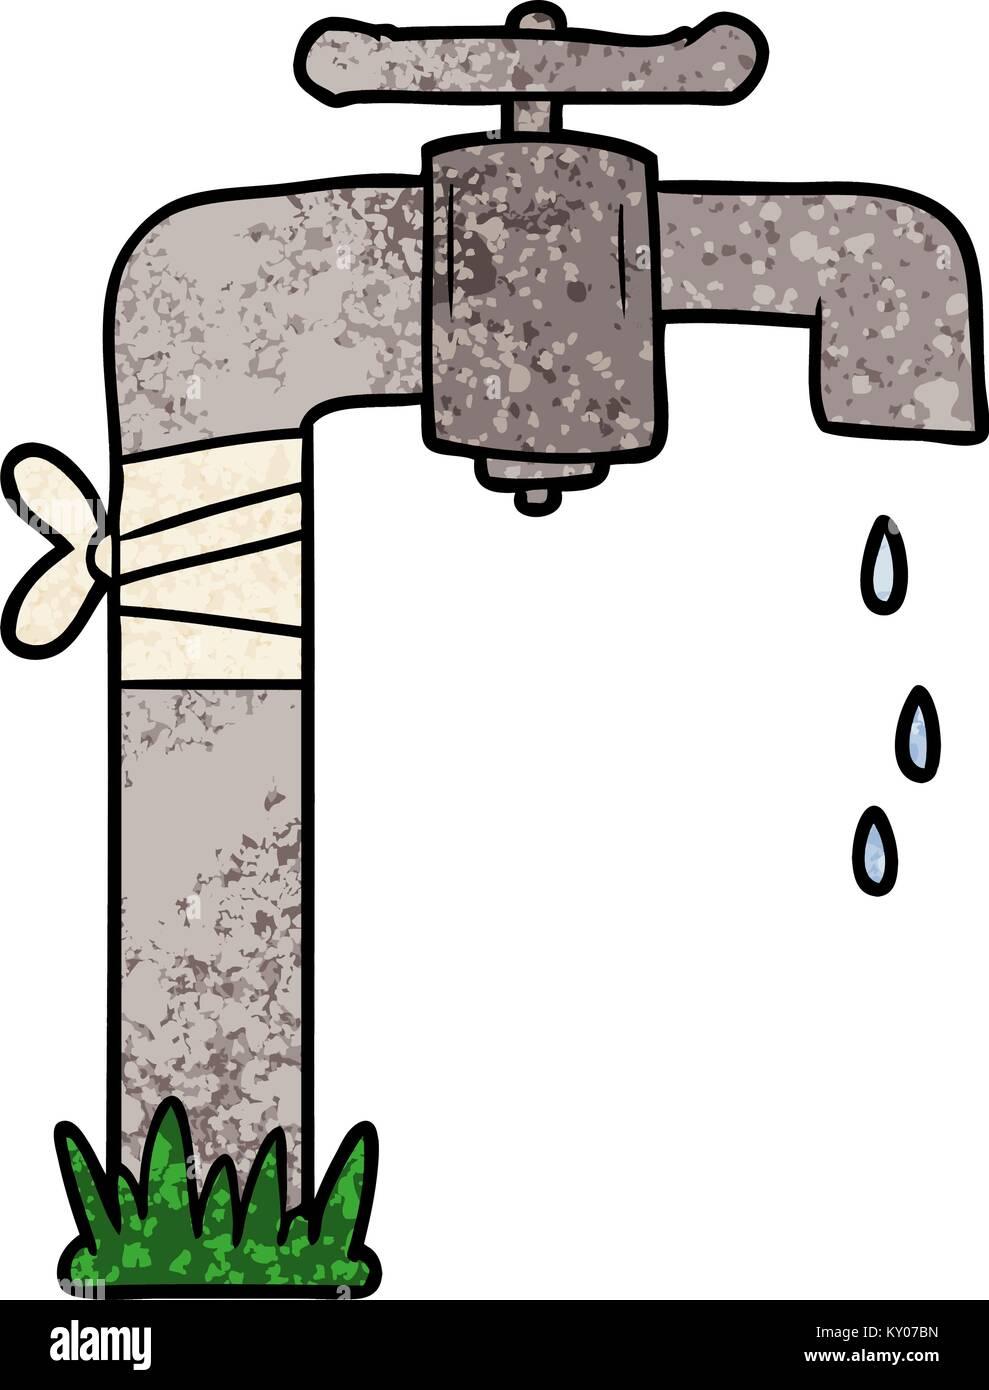 Grifo de agua antiguos dibujos animados Imagen Vector de stock - Alamy